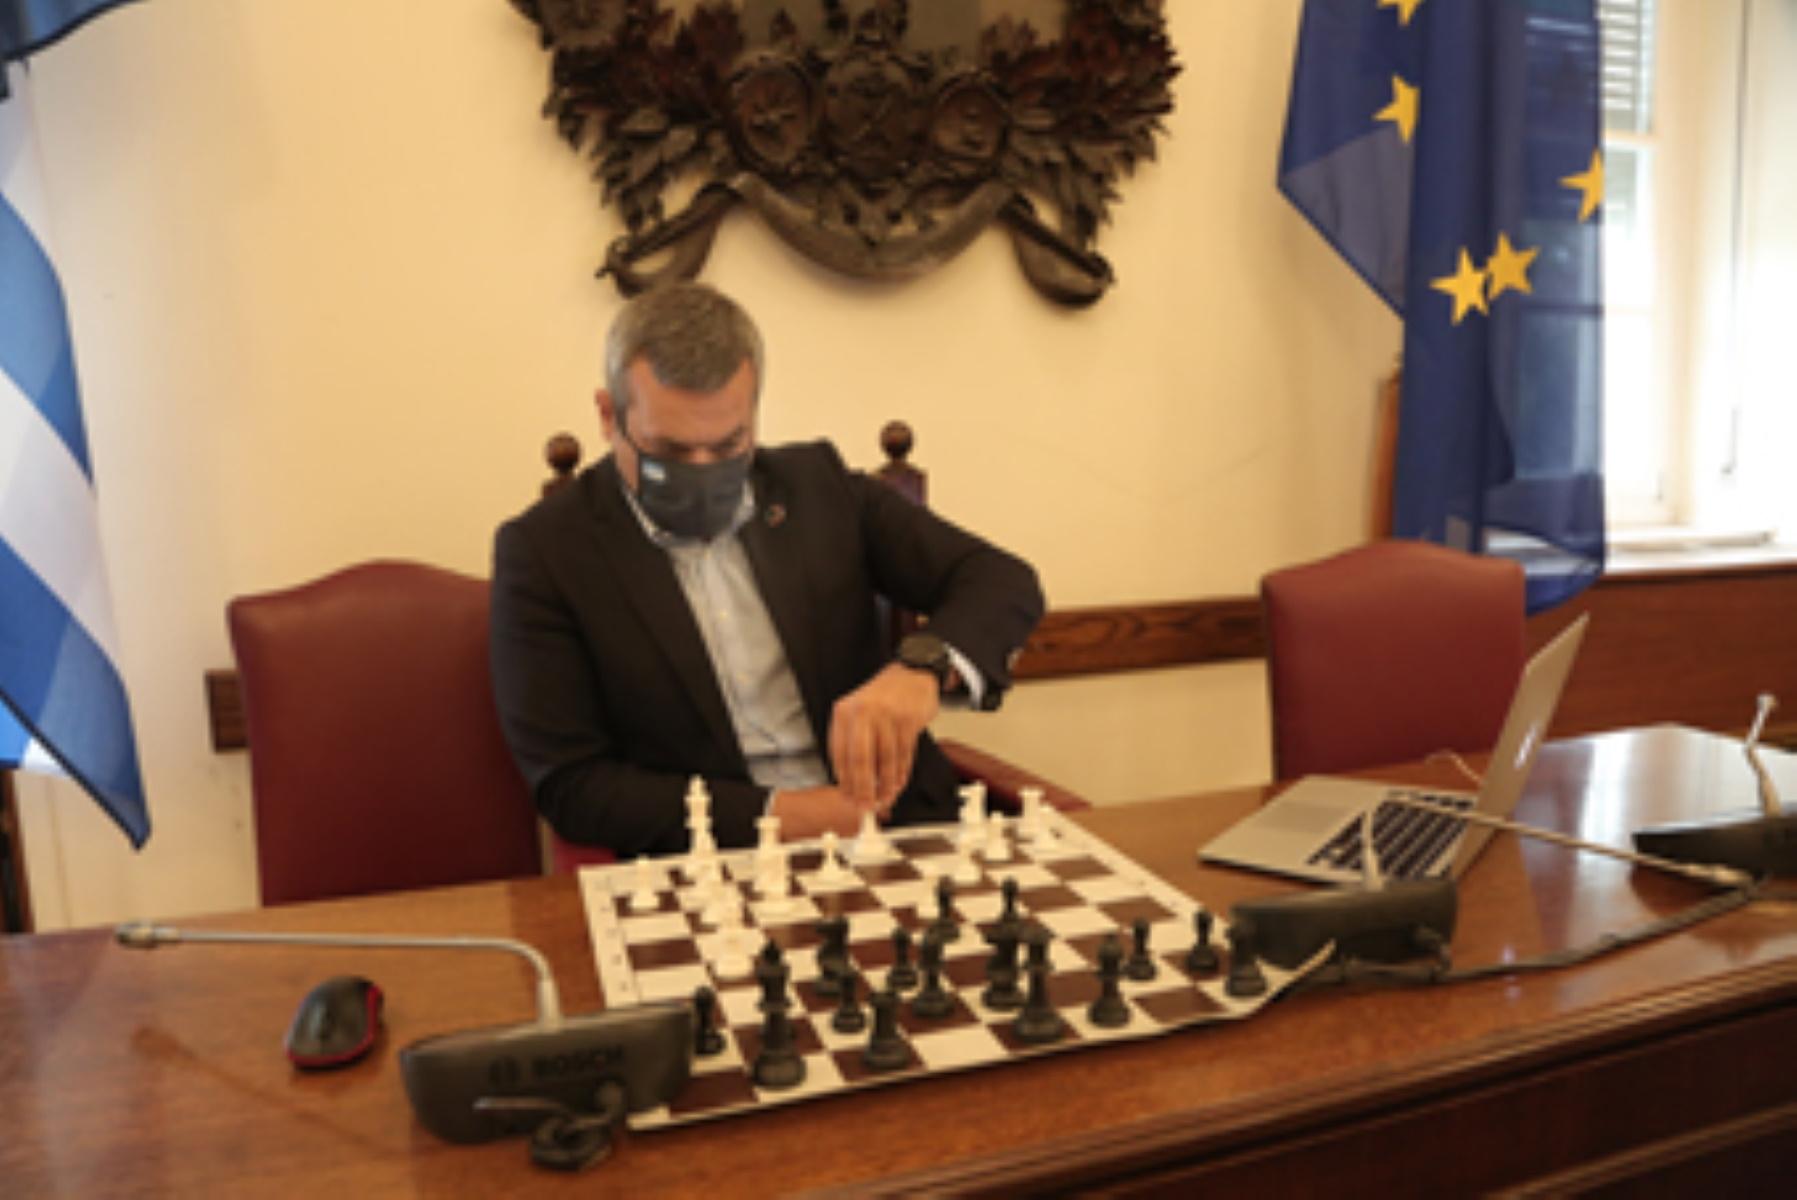 Βουλευτής του ΣΥΡΙΖΑ διακρίθηκε σε τουρνουά σκακιού